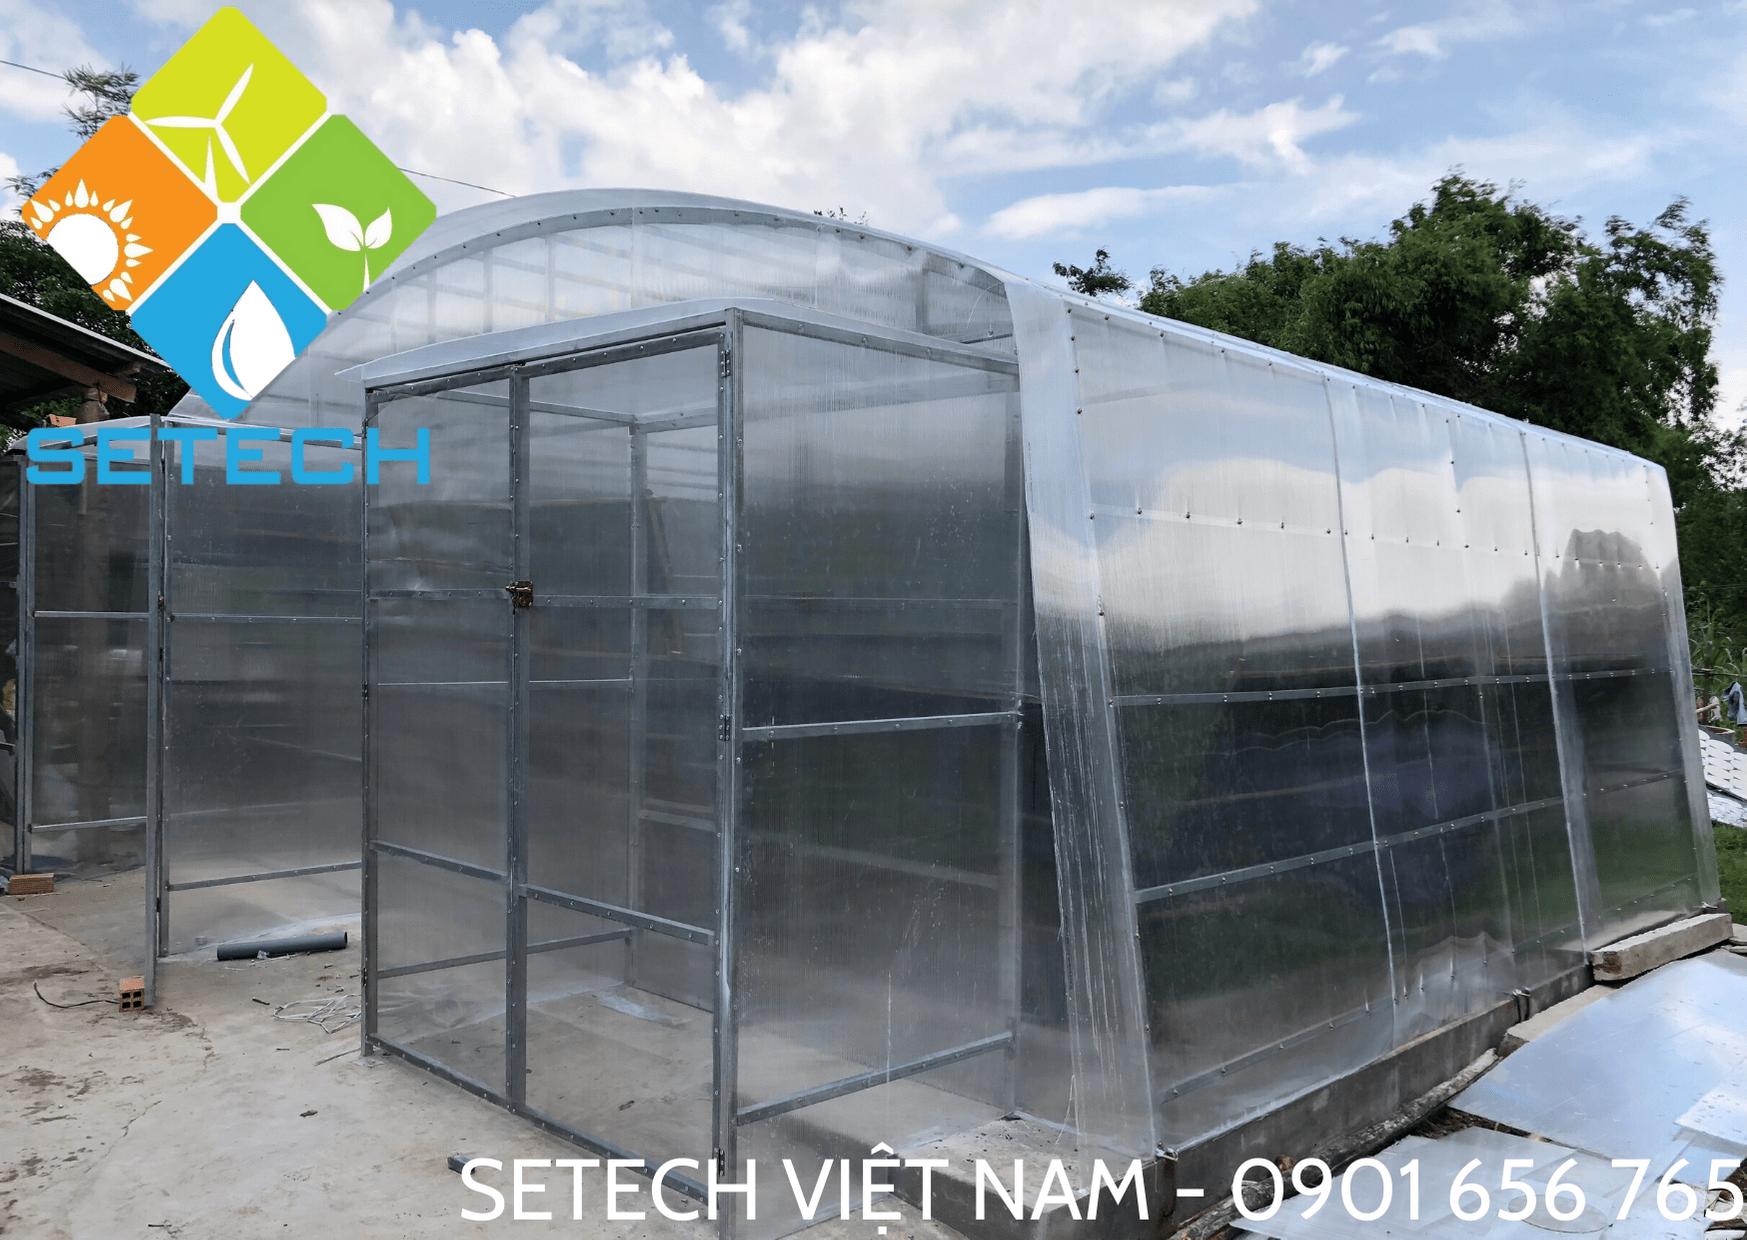 Máy sấy năng lượng mặt trời của SETECH